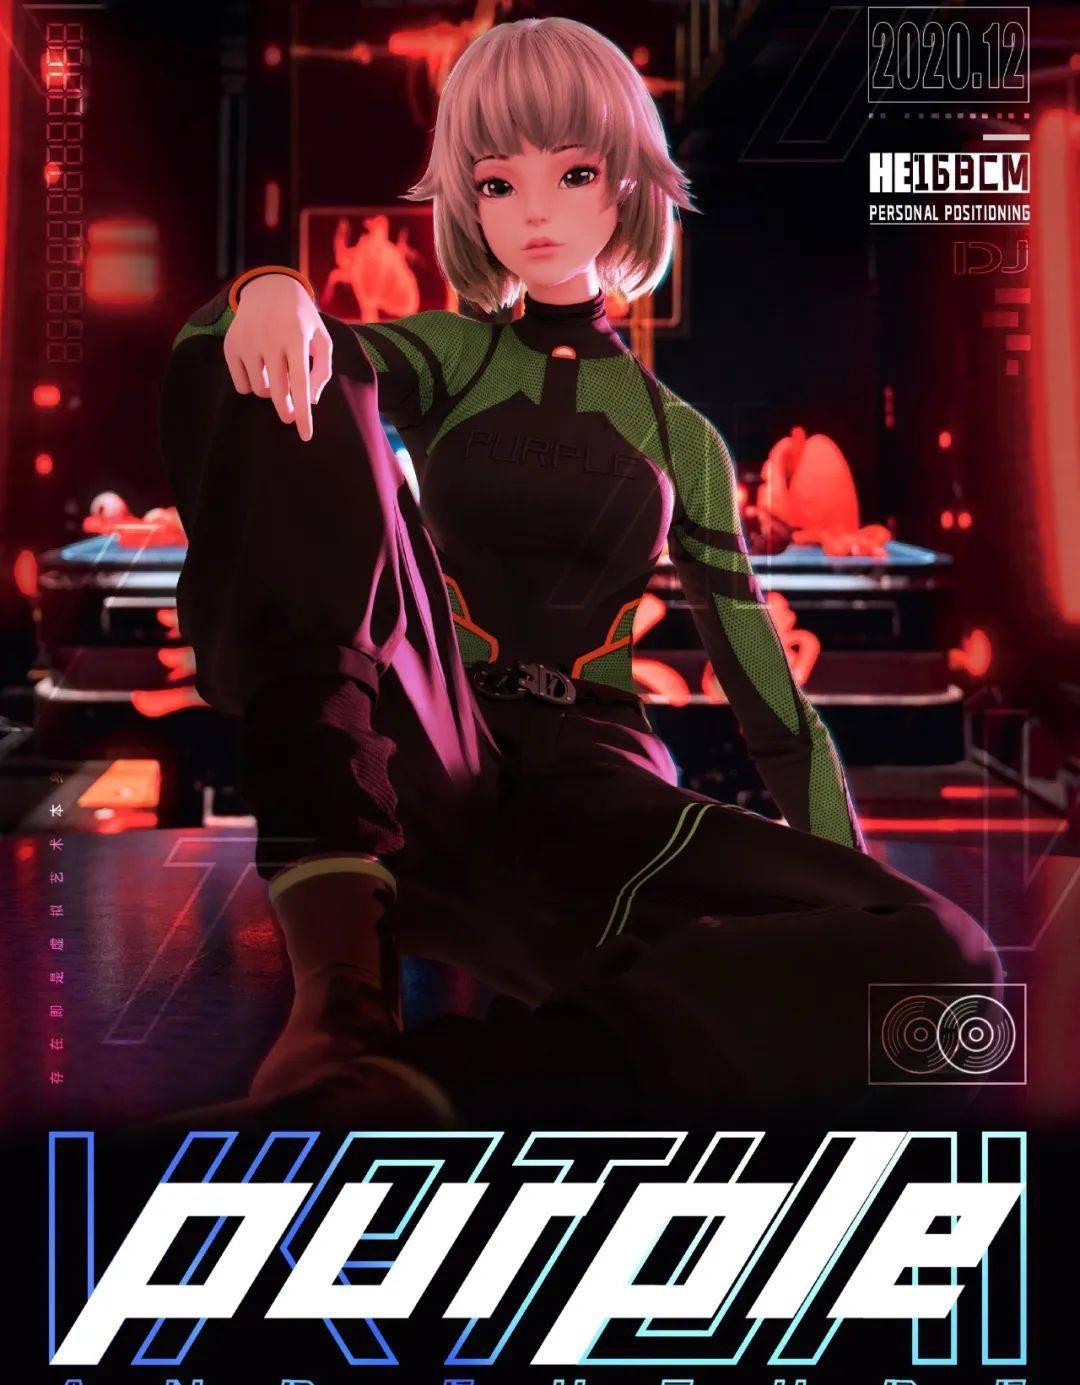 东方卫视跨年晚会被指控侵权;虚拟DJ Purple签约虚拟艺人厂牌NO PROBLEM